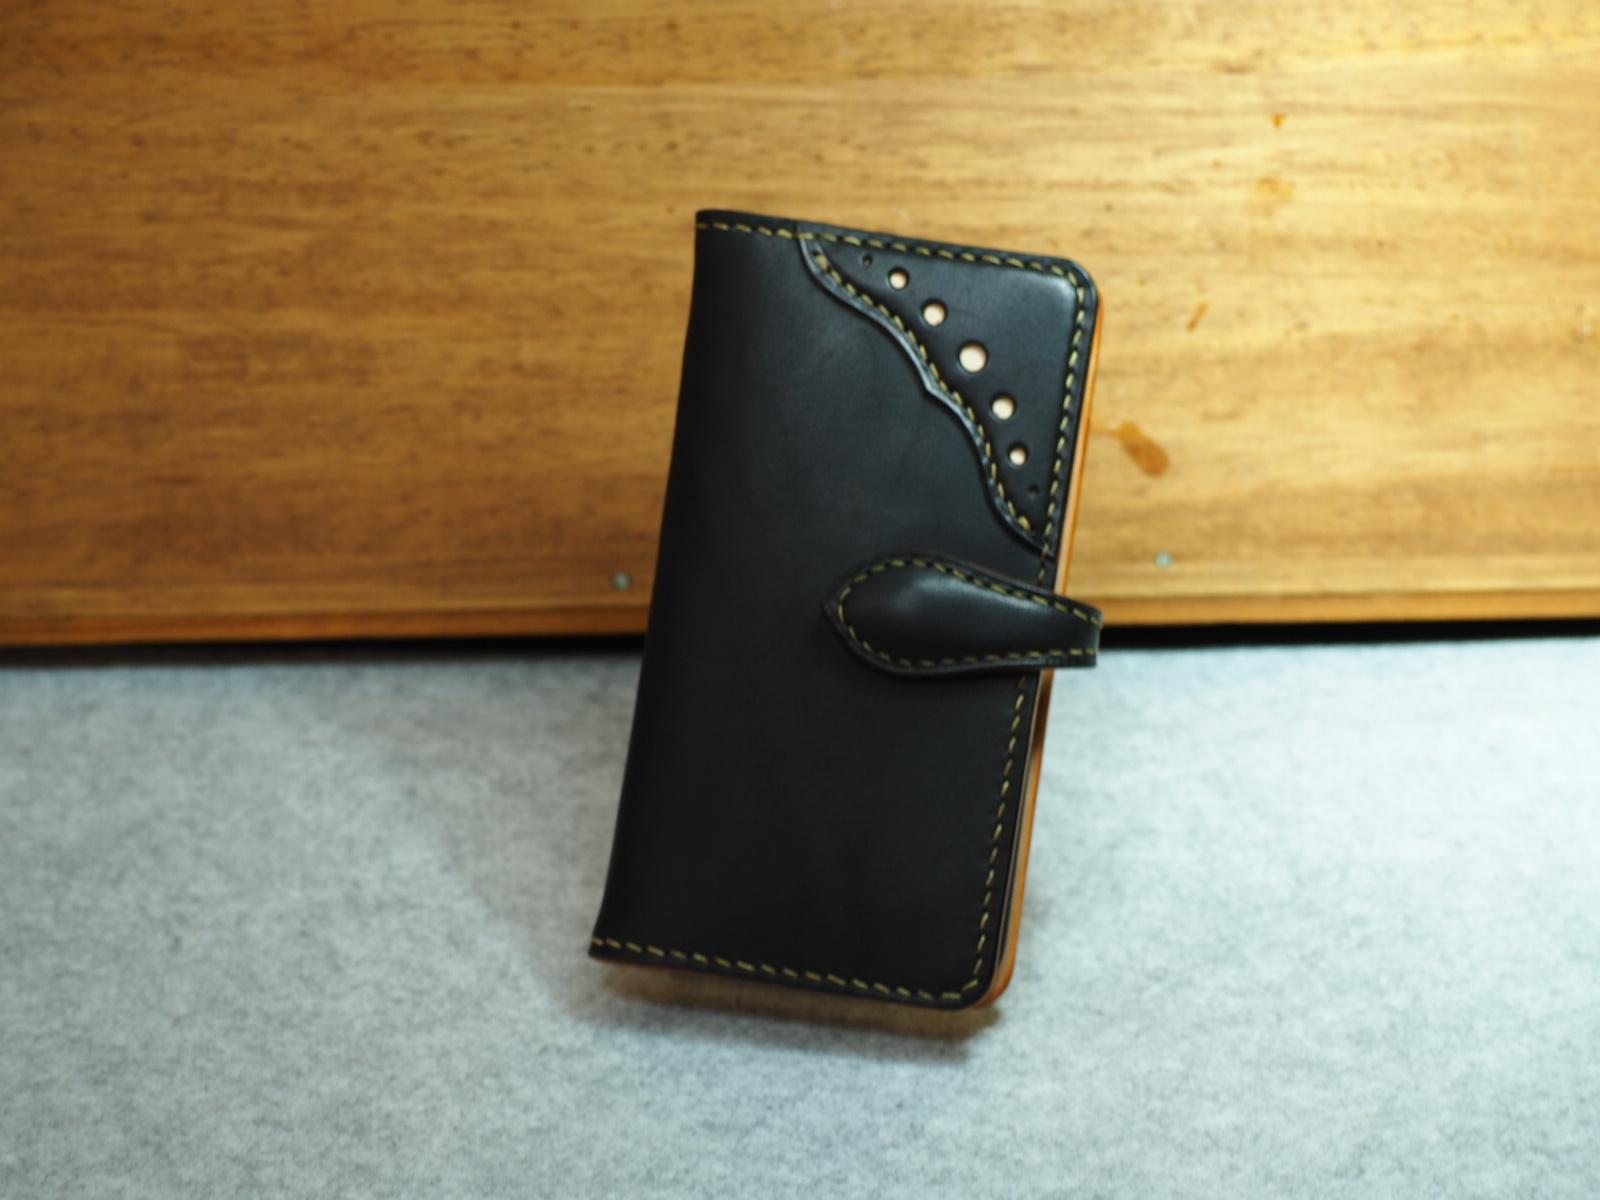 【長崎県E様オーダー】ウィングチップstyle手帳型スマートフォンケース≪専用ケース縫い付け≫